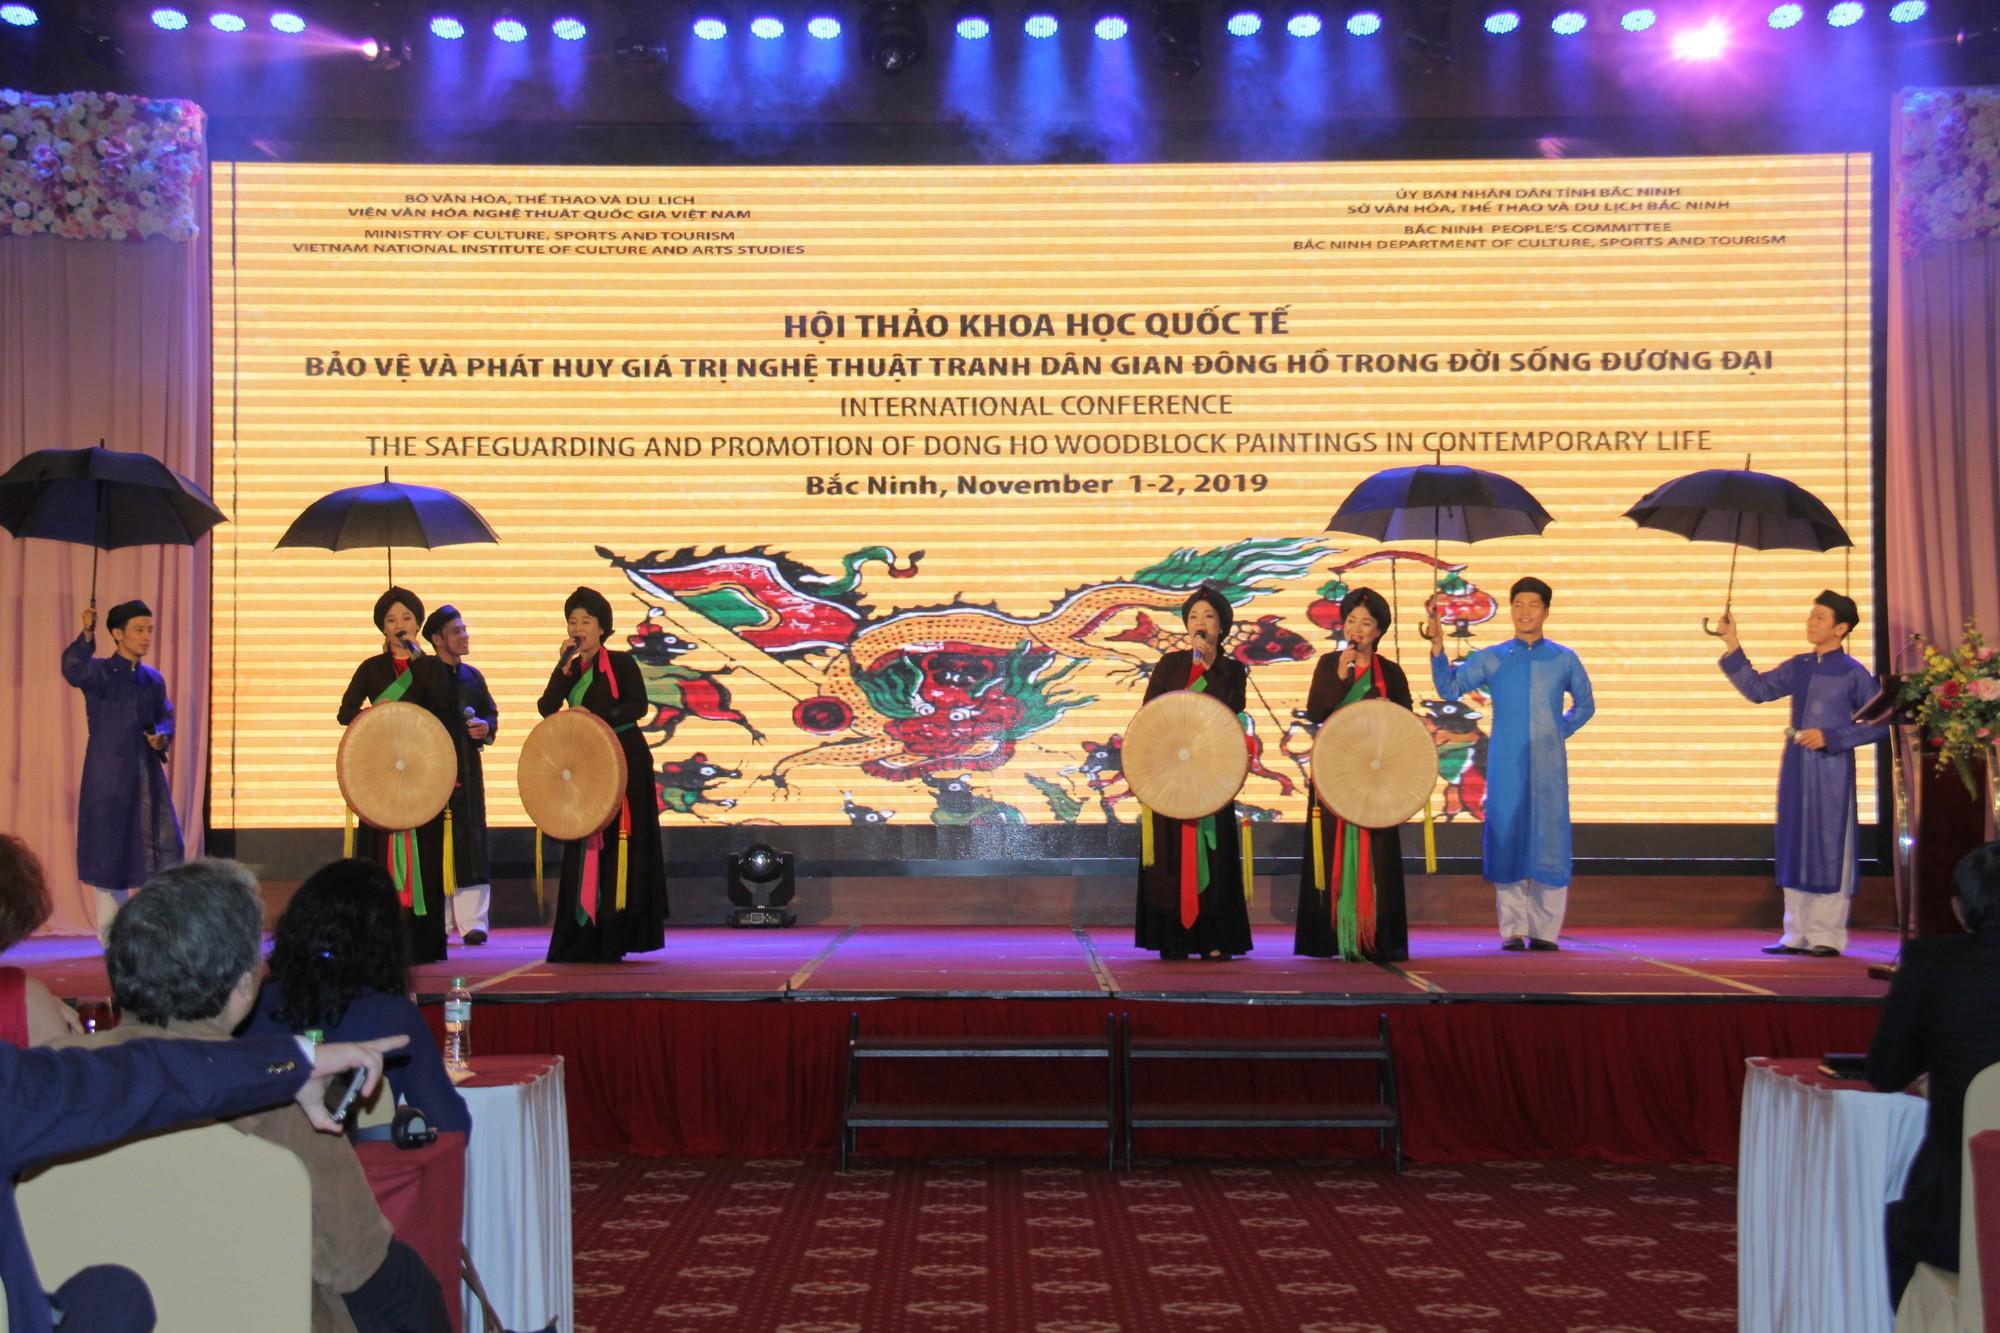 Bài toán khó cho công tác bảo tồn và phát triển tranh dân gian Đông Hồ trong đời sống đương đại - Ảnh 3.